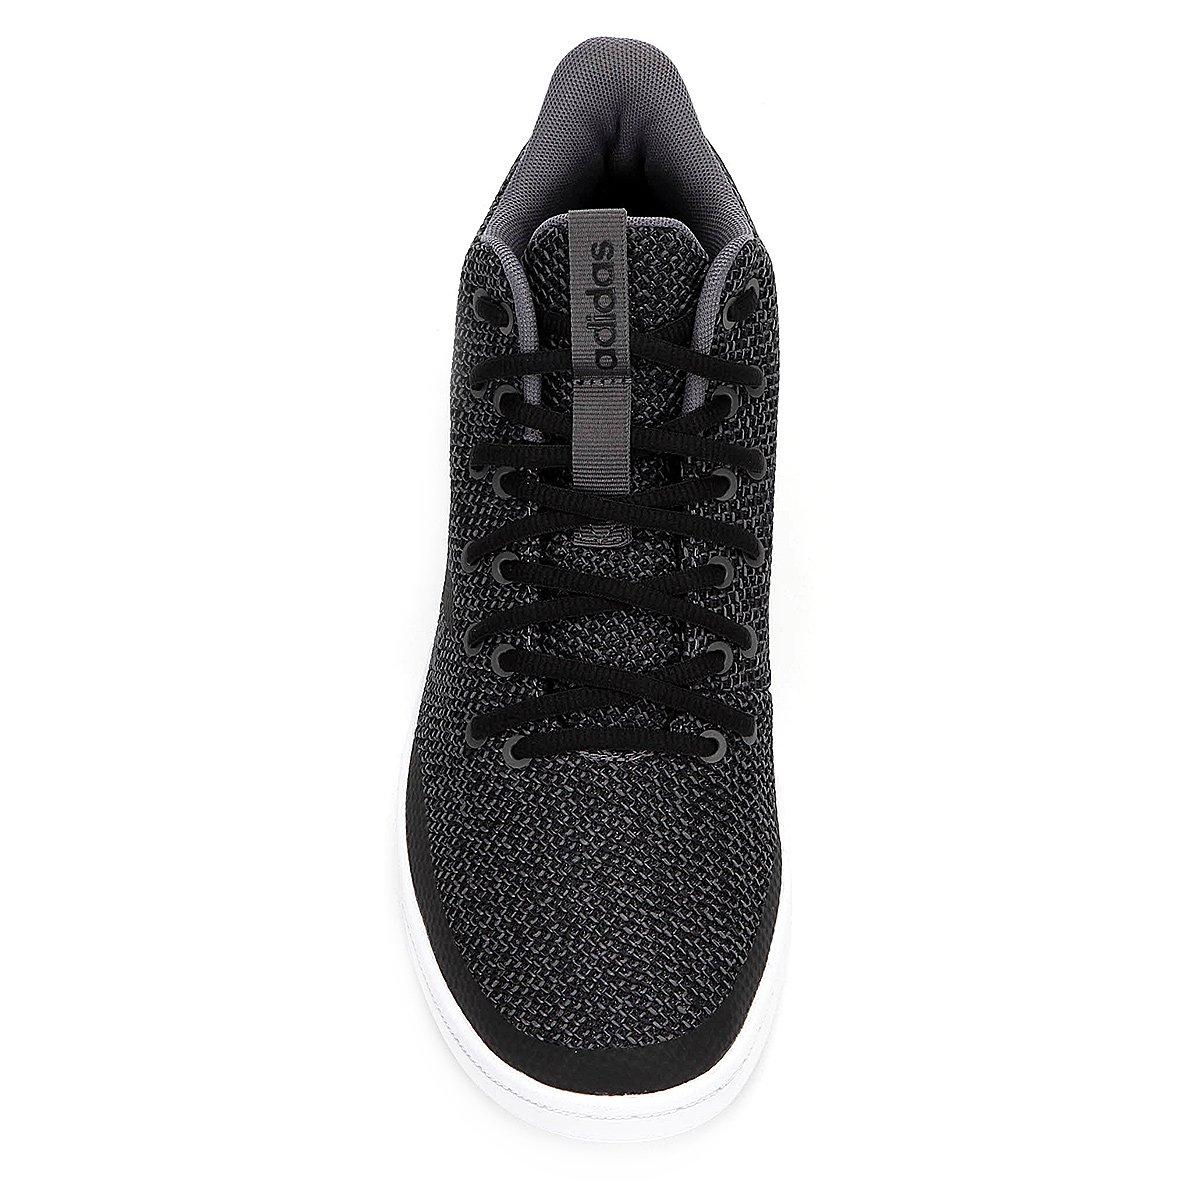 Tênis Adidas Retro Bball Masculino - Preto - Compre Agora  4be5d6ac7353f